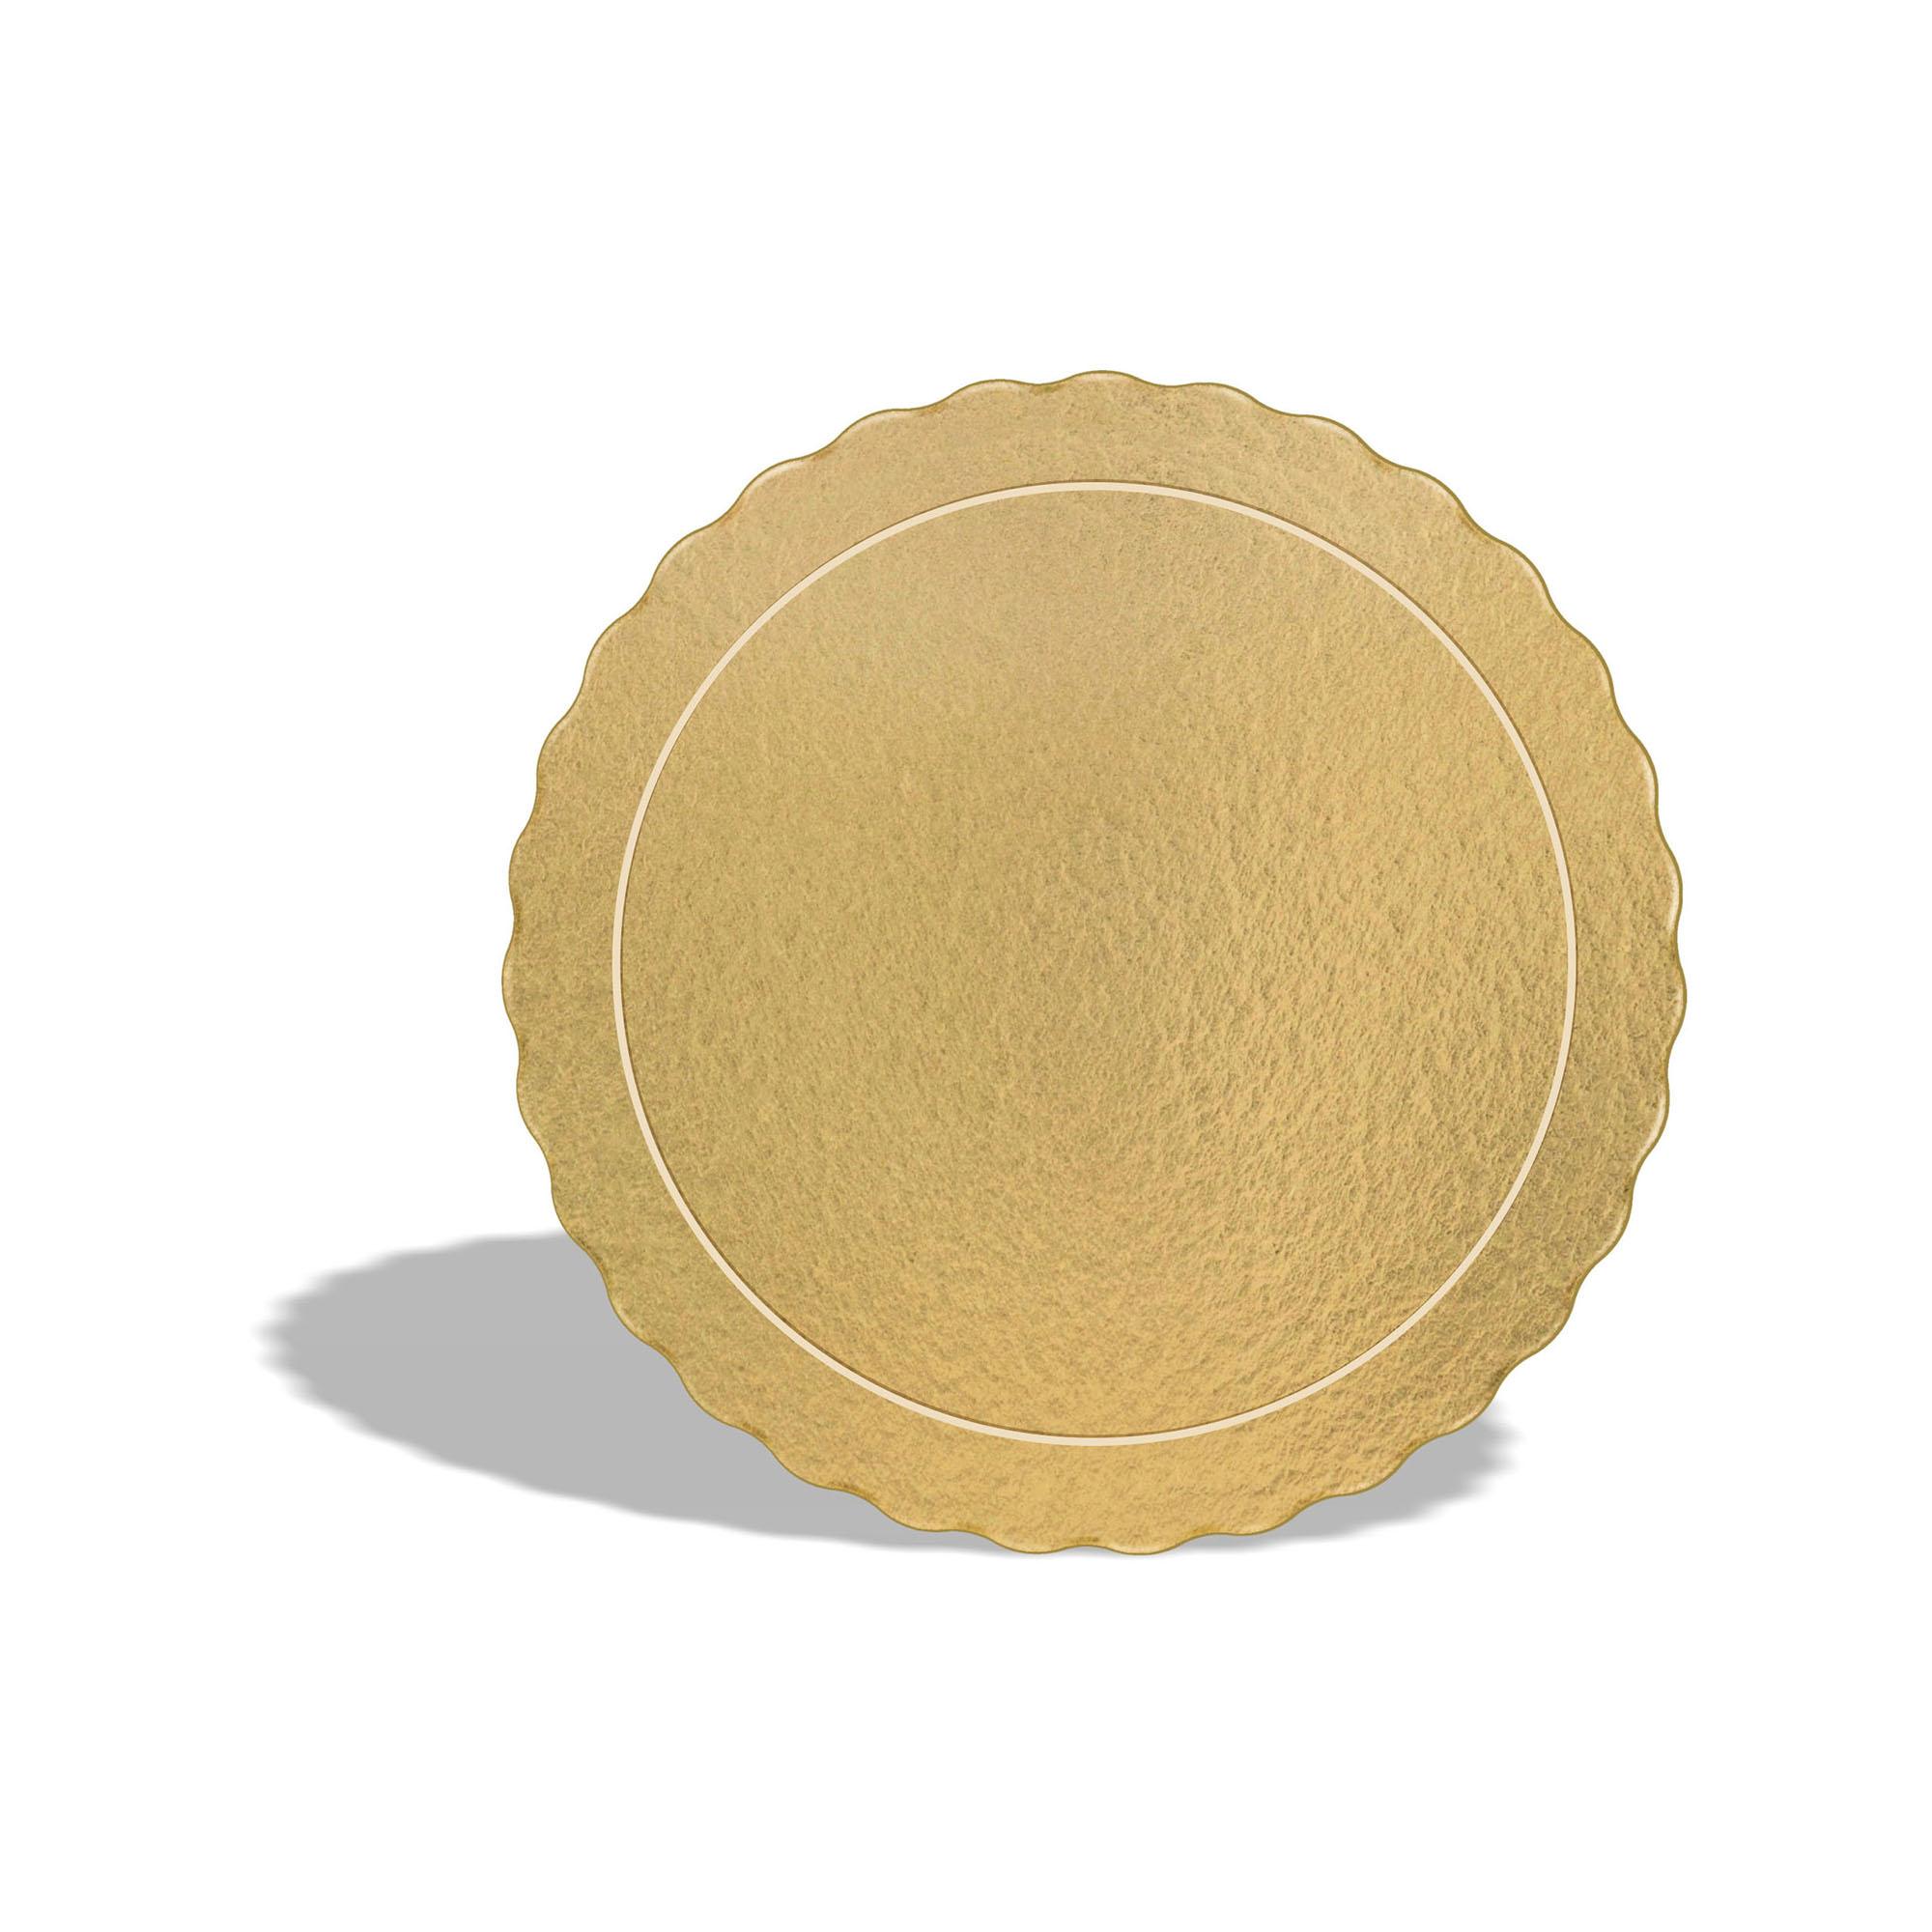 50 Bases Laminadas Para Bolo Redondo, Cake Board 30cm - Ouro